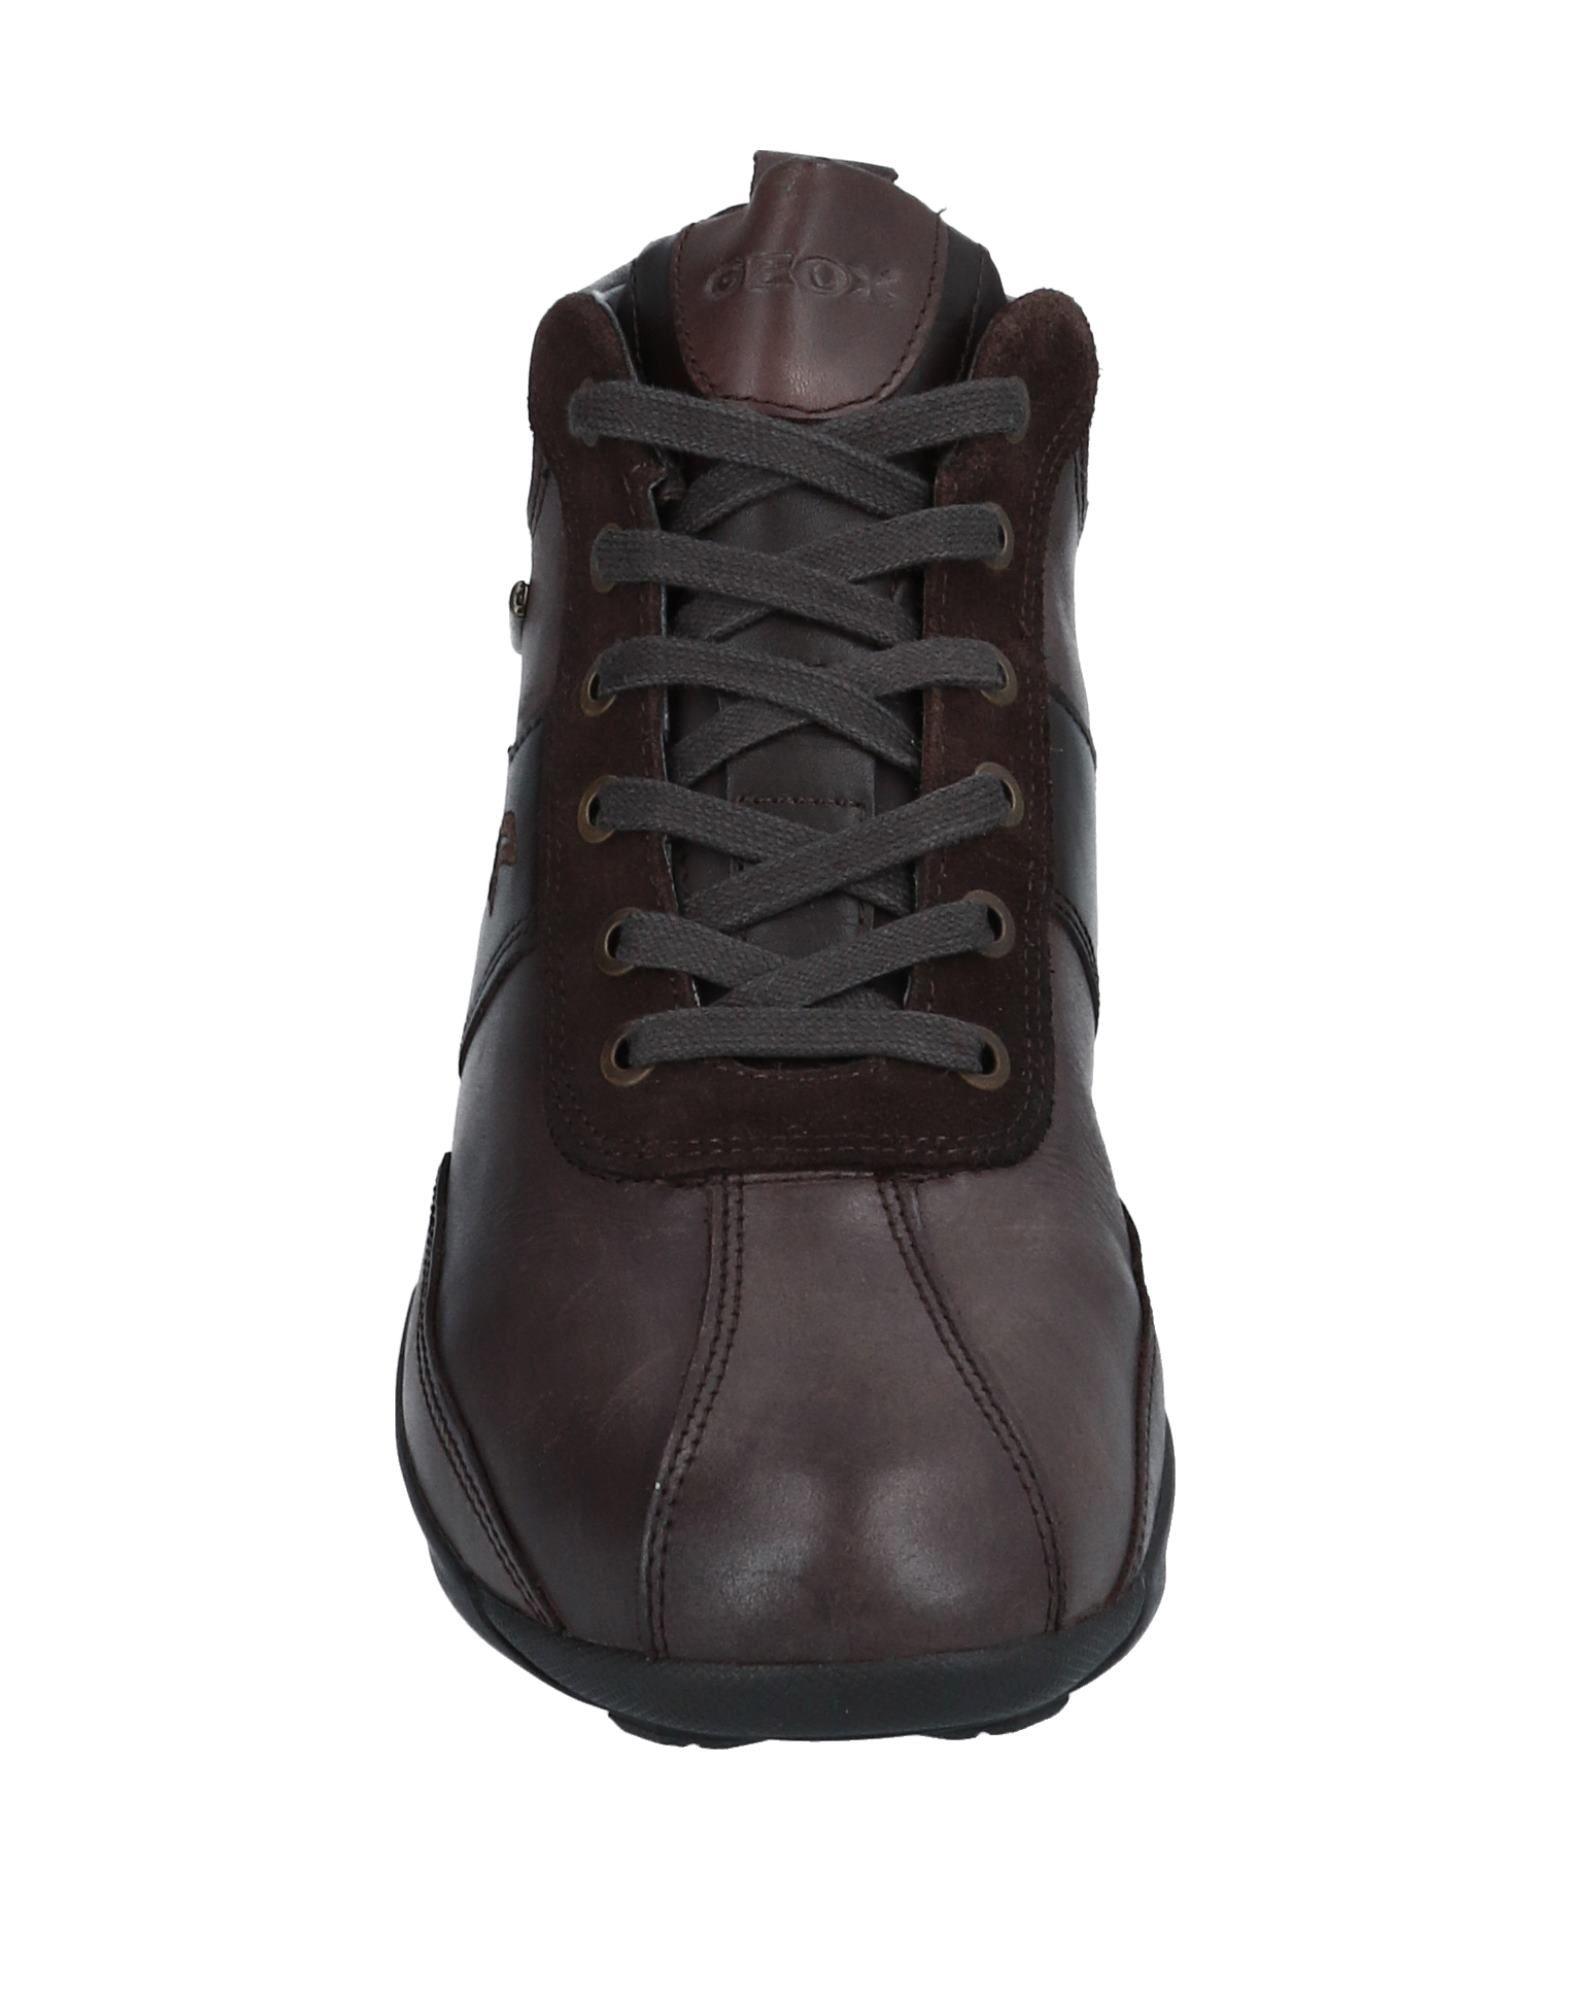 Rabatt echte  Schuhe Geox Sneakers Herren  echte 11555609RI 7c61a4